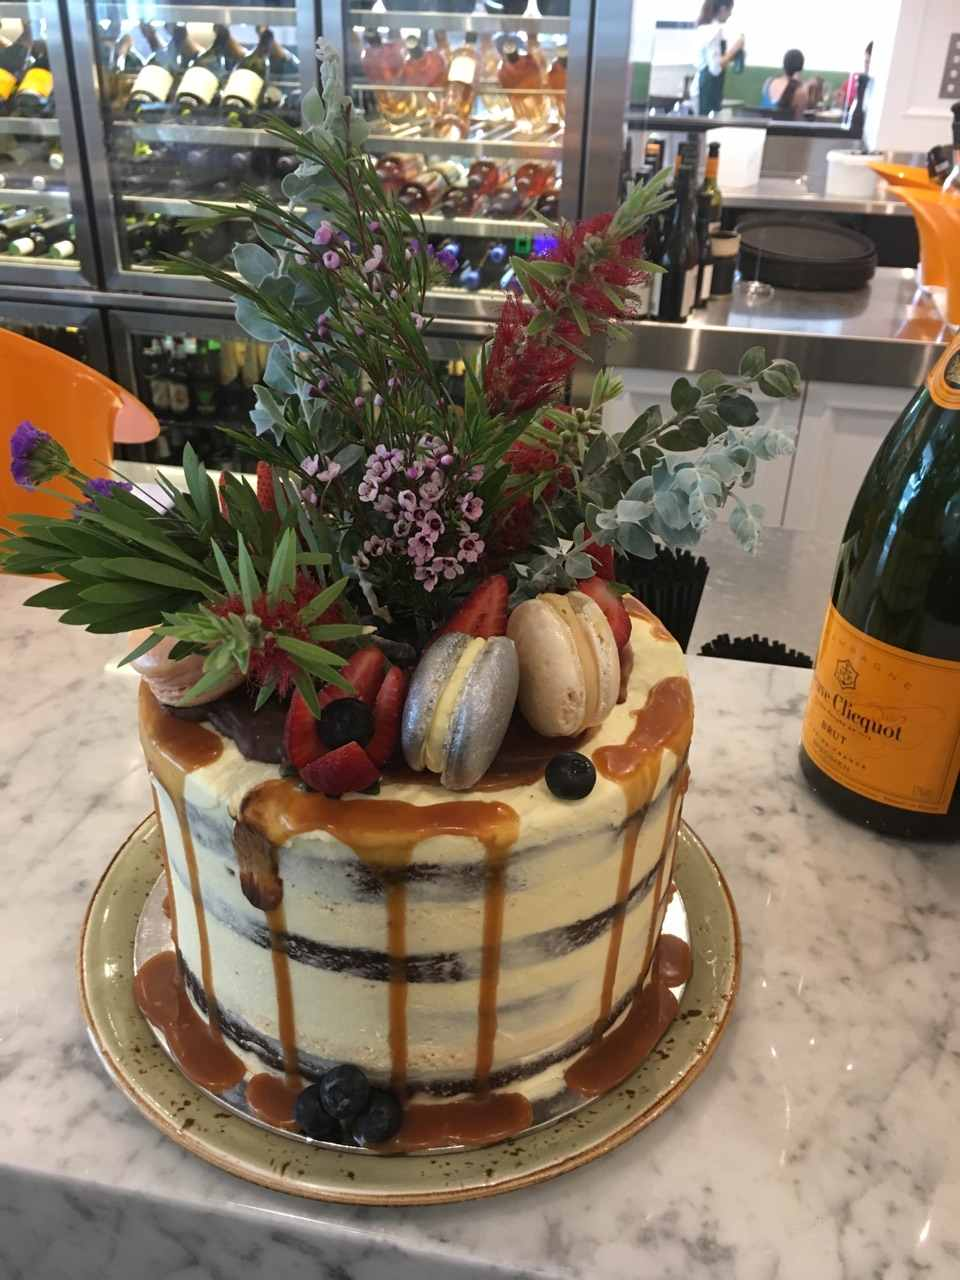 Cake8_Nakedchocmudcake.jpg